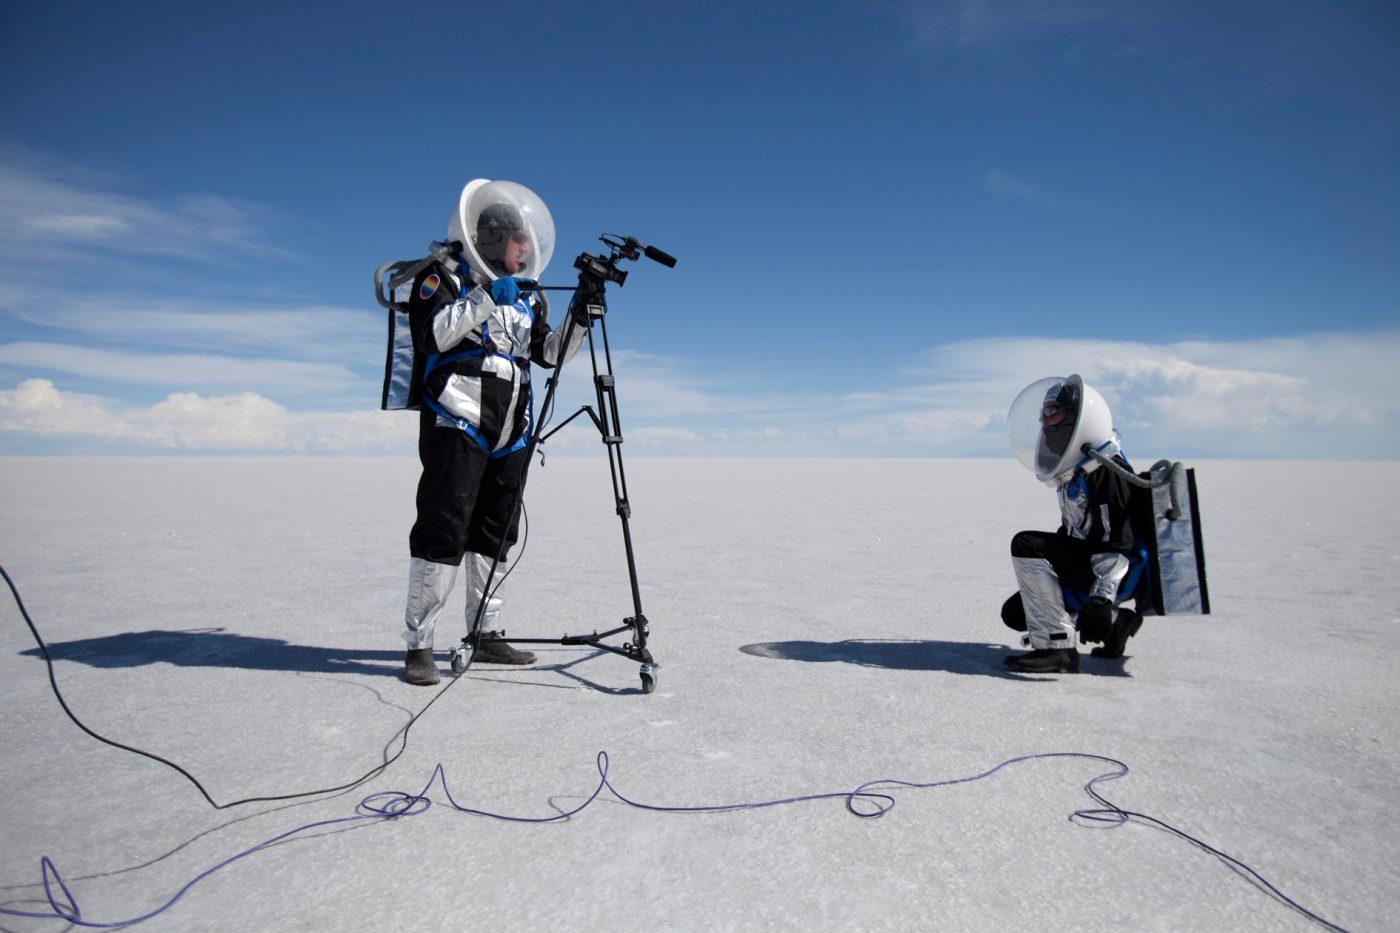 Thomas Lasbouygues, projet Elina2©Francois-Klein-WEB. L'artiste présentera son projet futuriste dans le cadre du parcours Exoplanète Lot